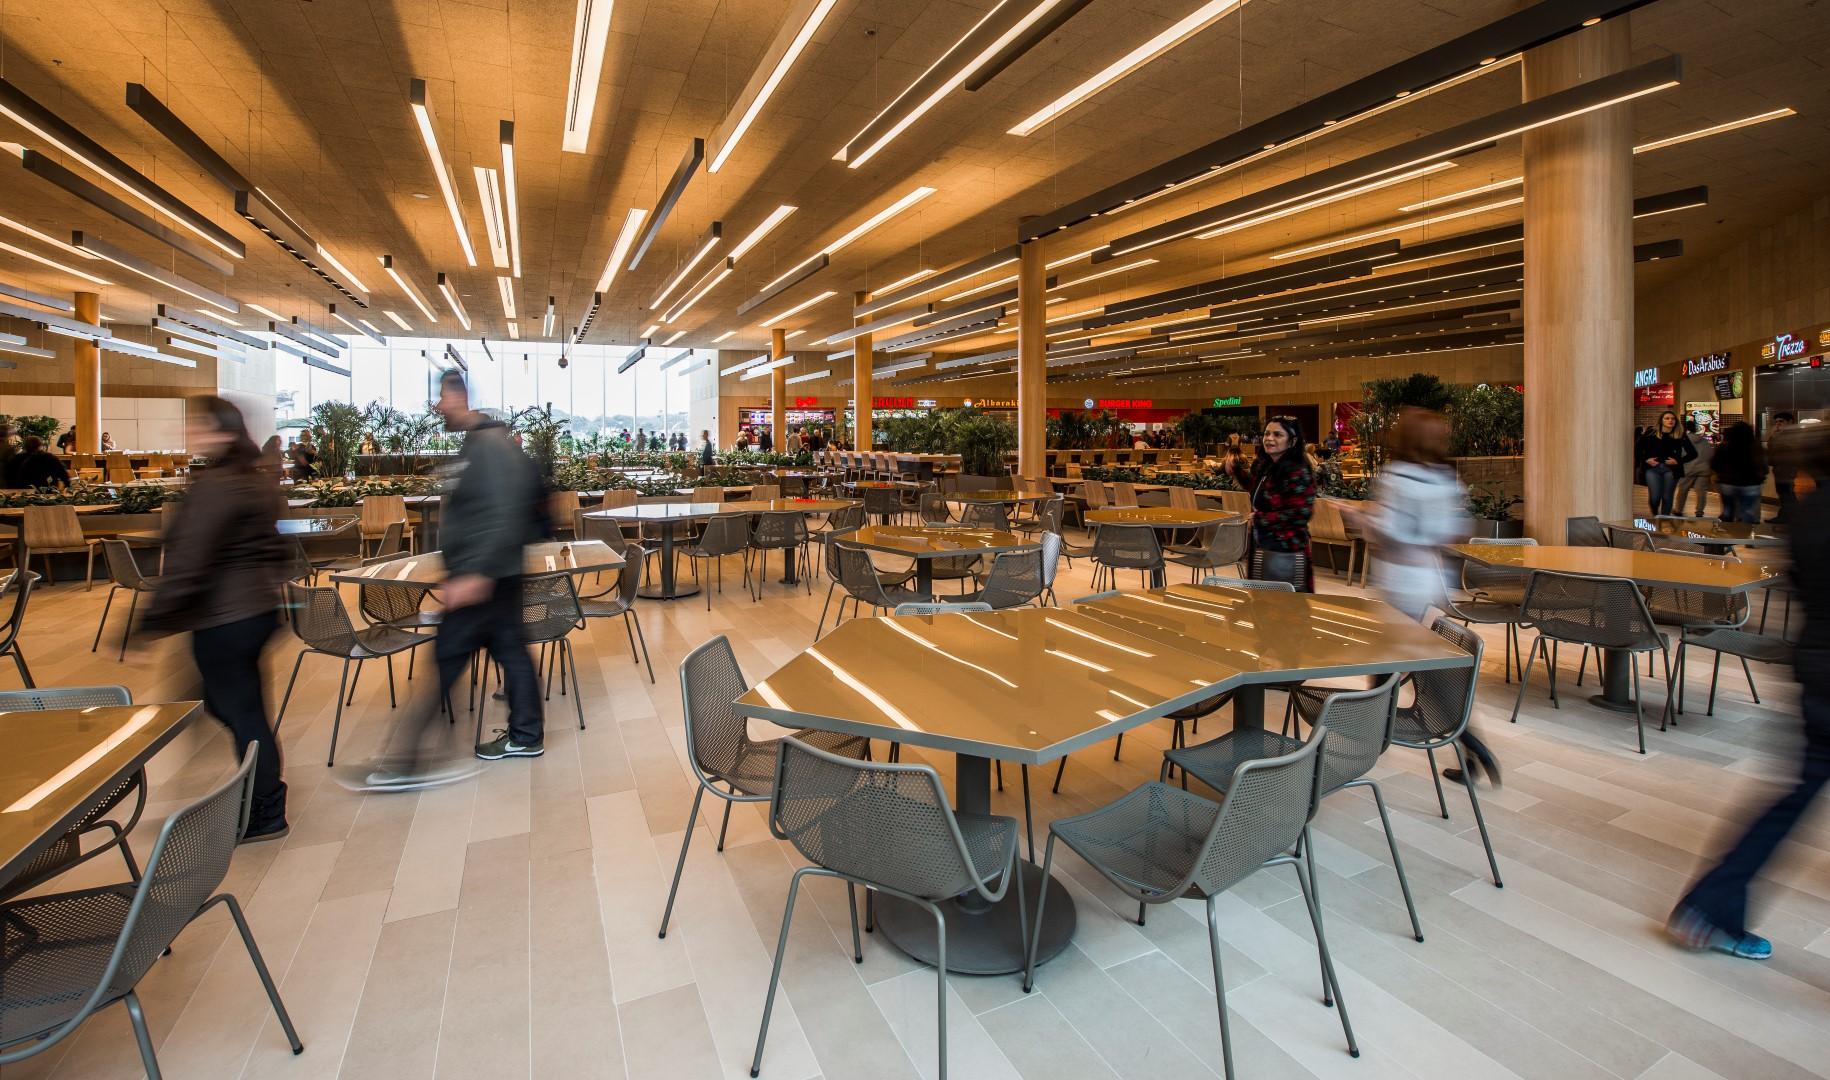 Mobiliário da área de alimentação tem design que busca favorecer a integração das pessoas. Foto: Letícia Akemi / Gazeta do Povo